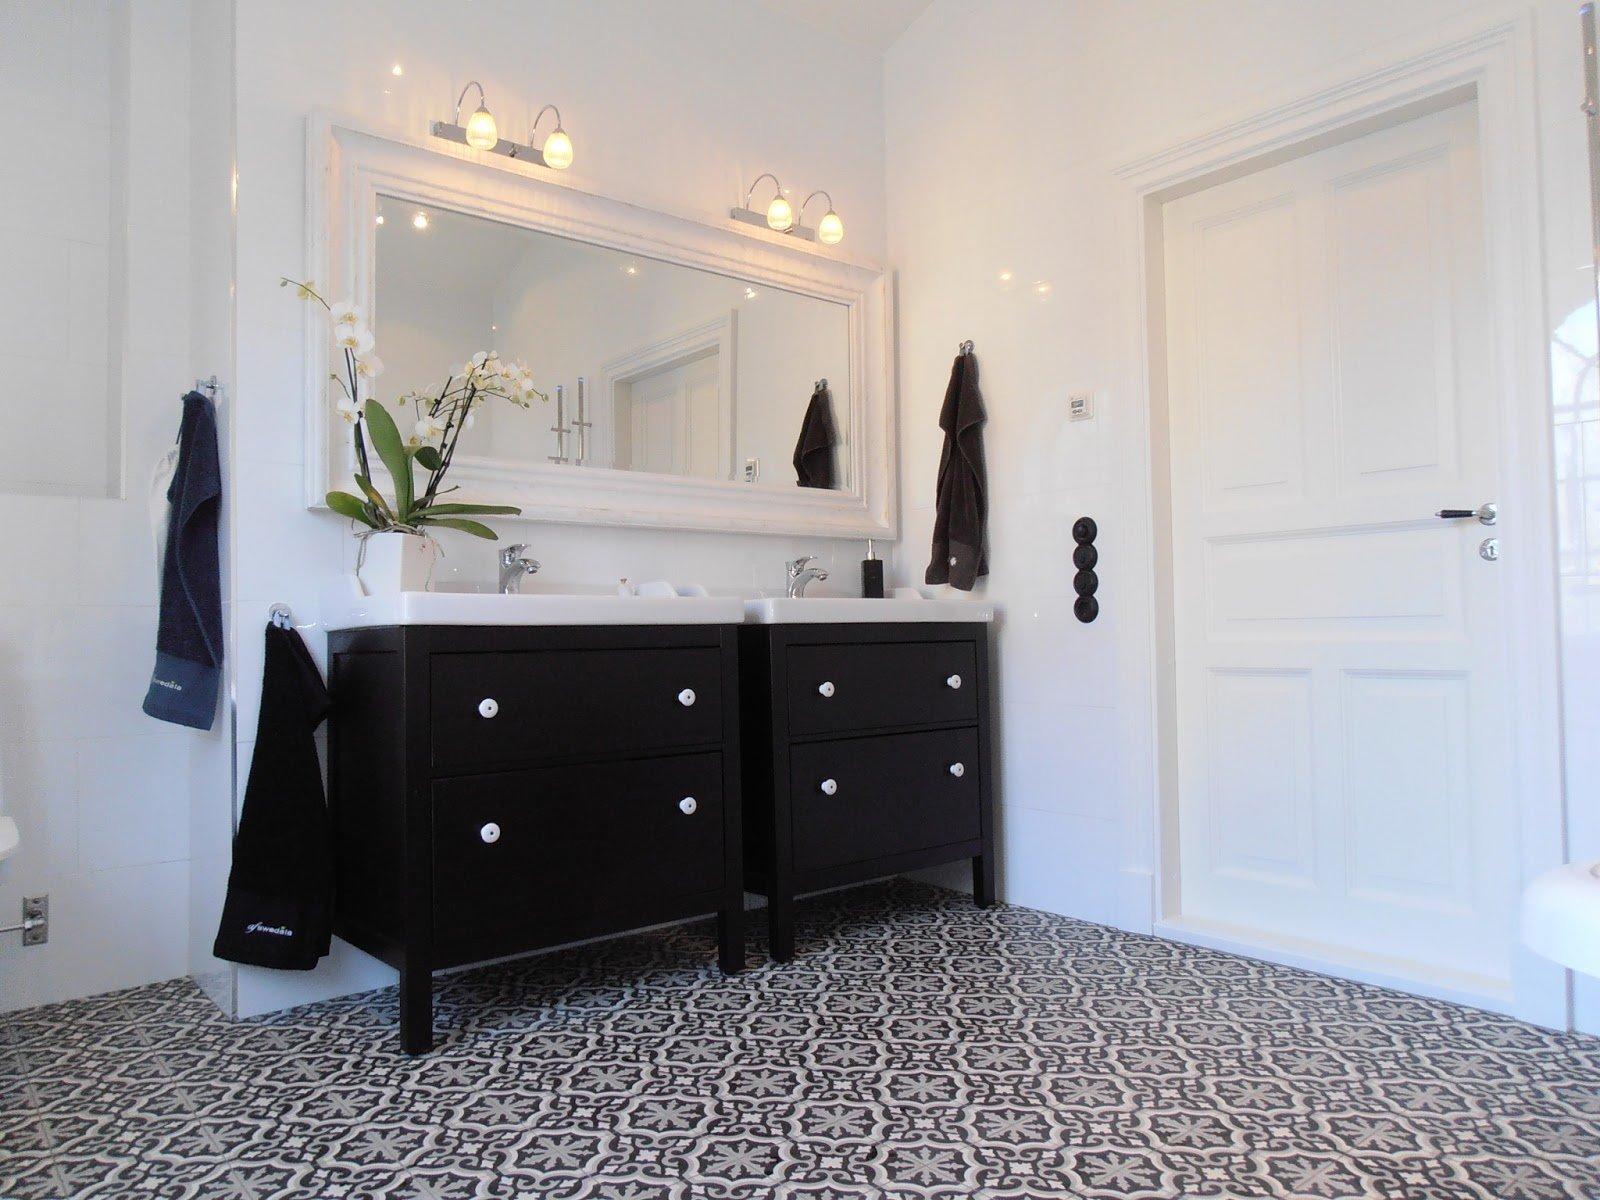 Piastrelle marocchine di lusso e un bagno bianco hemnes